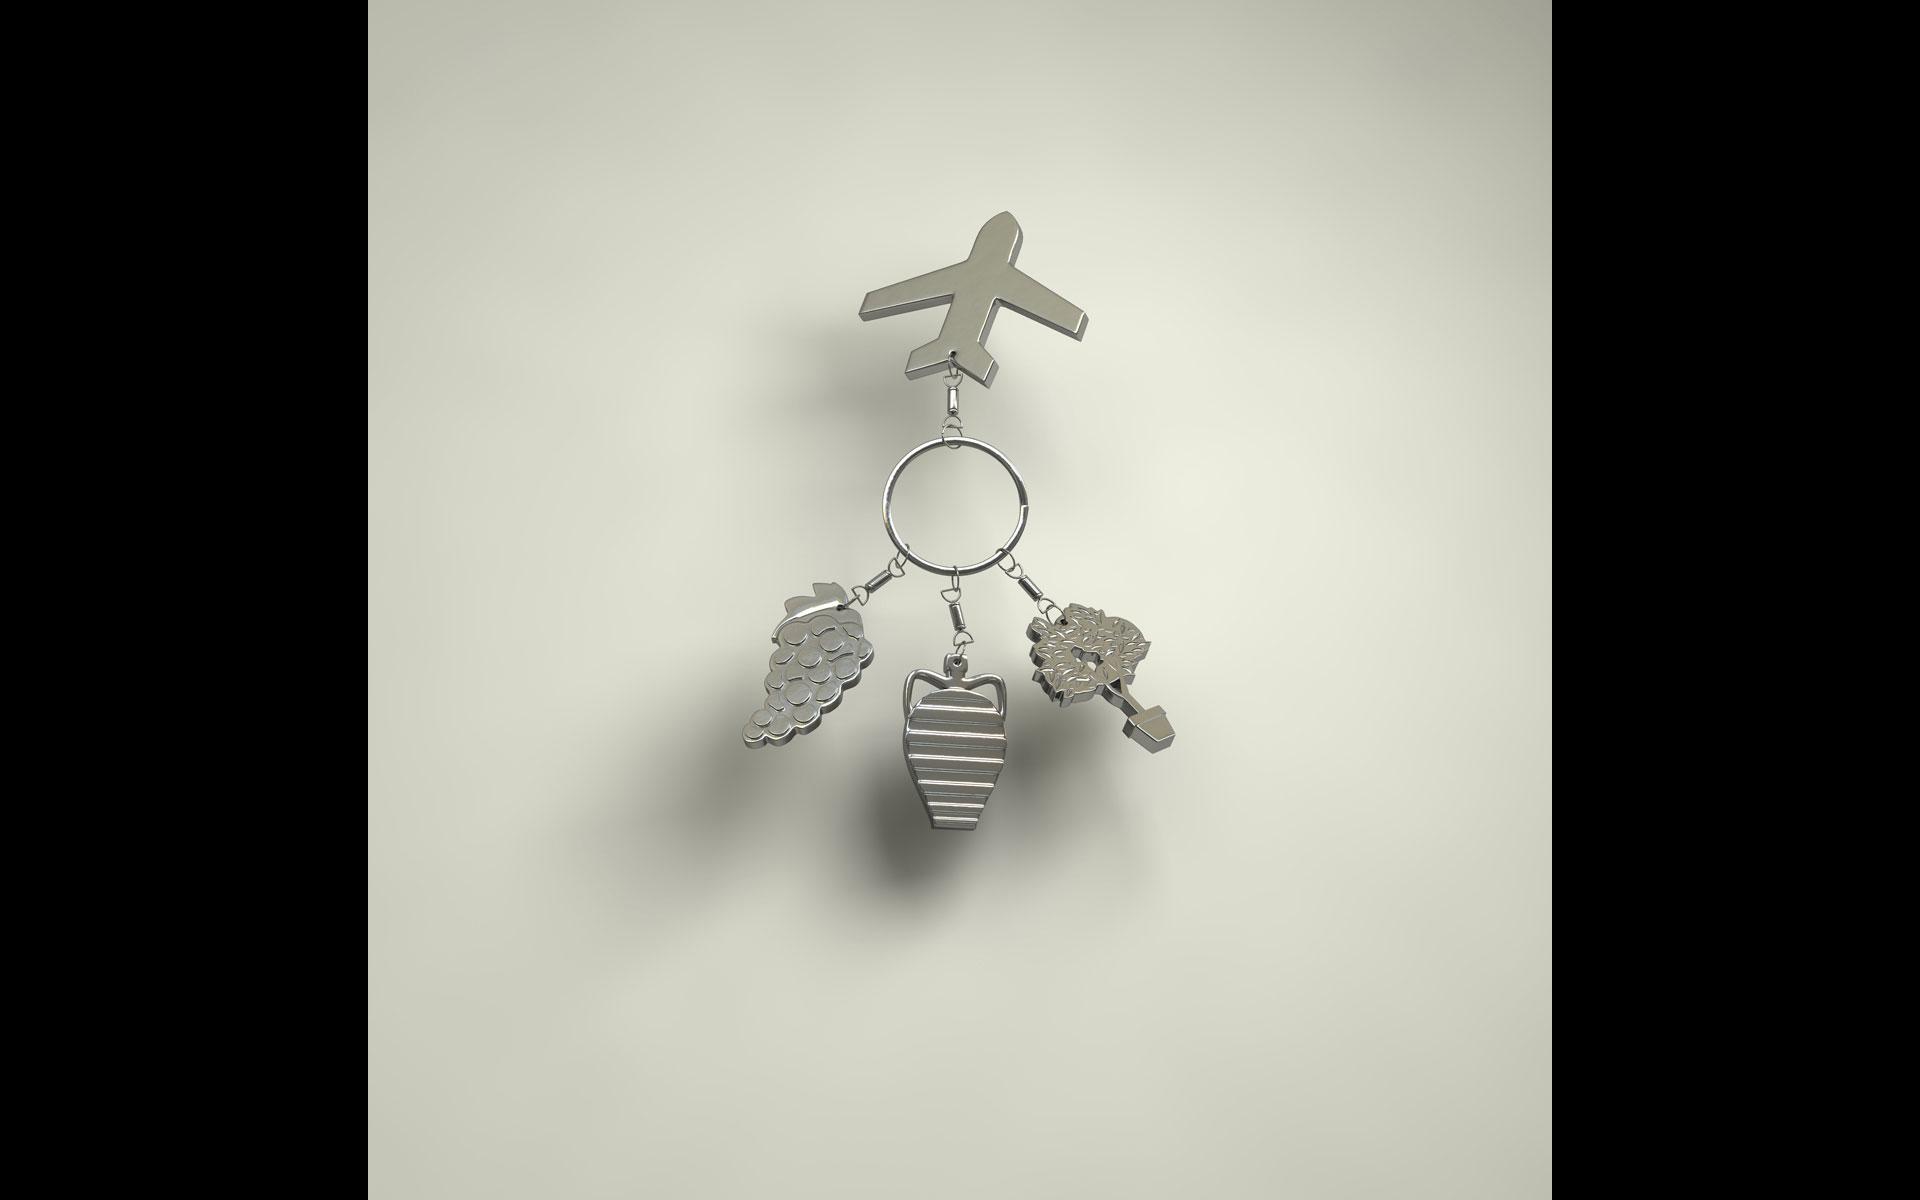 aegean key 2